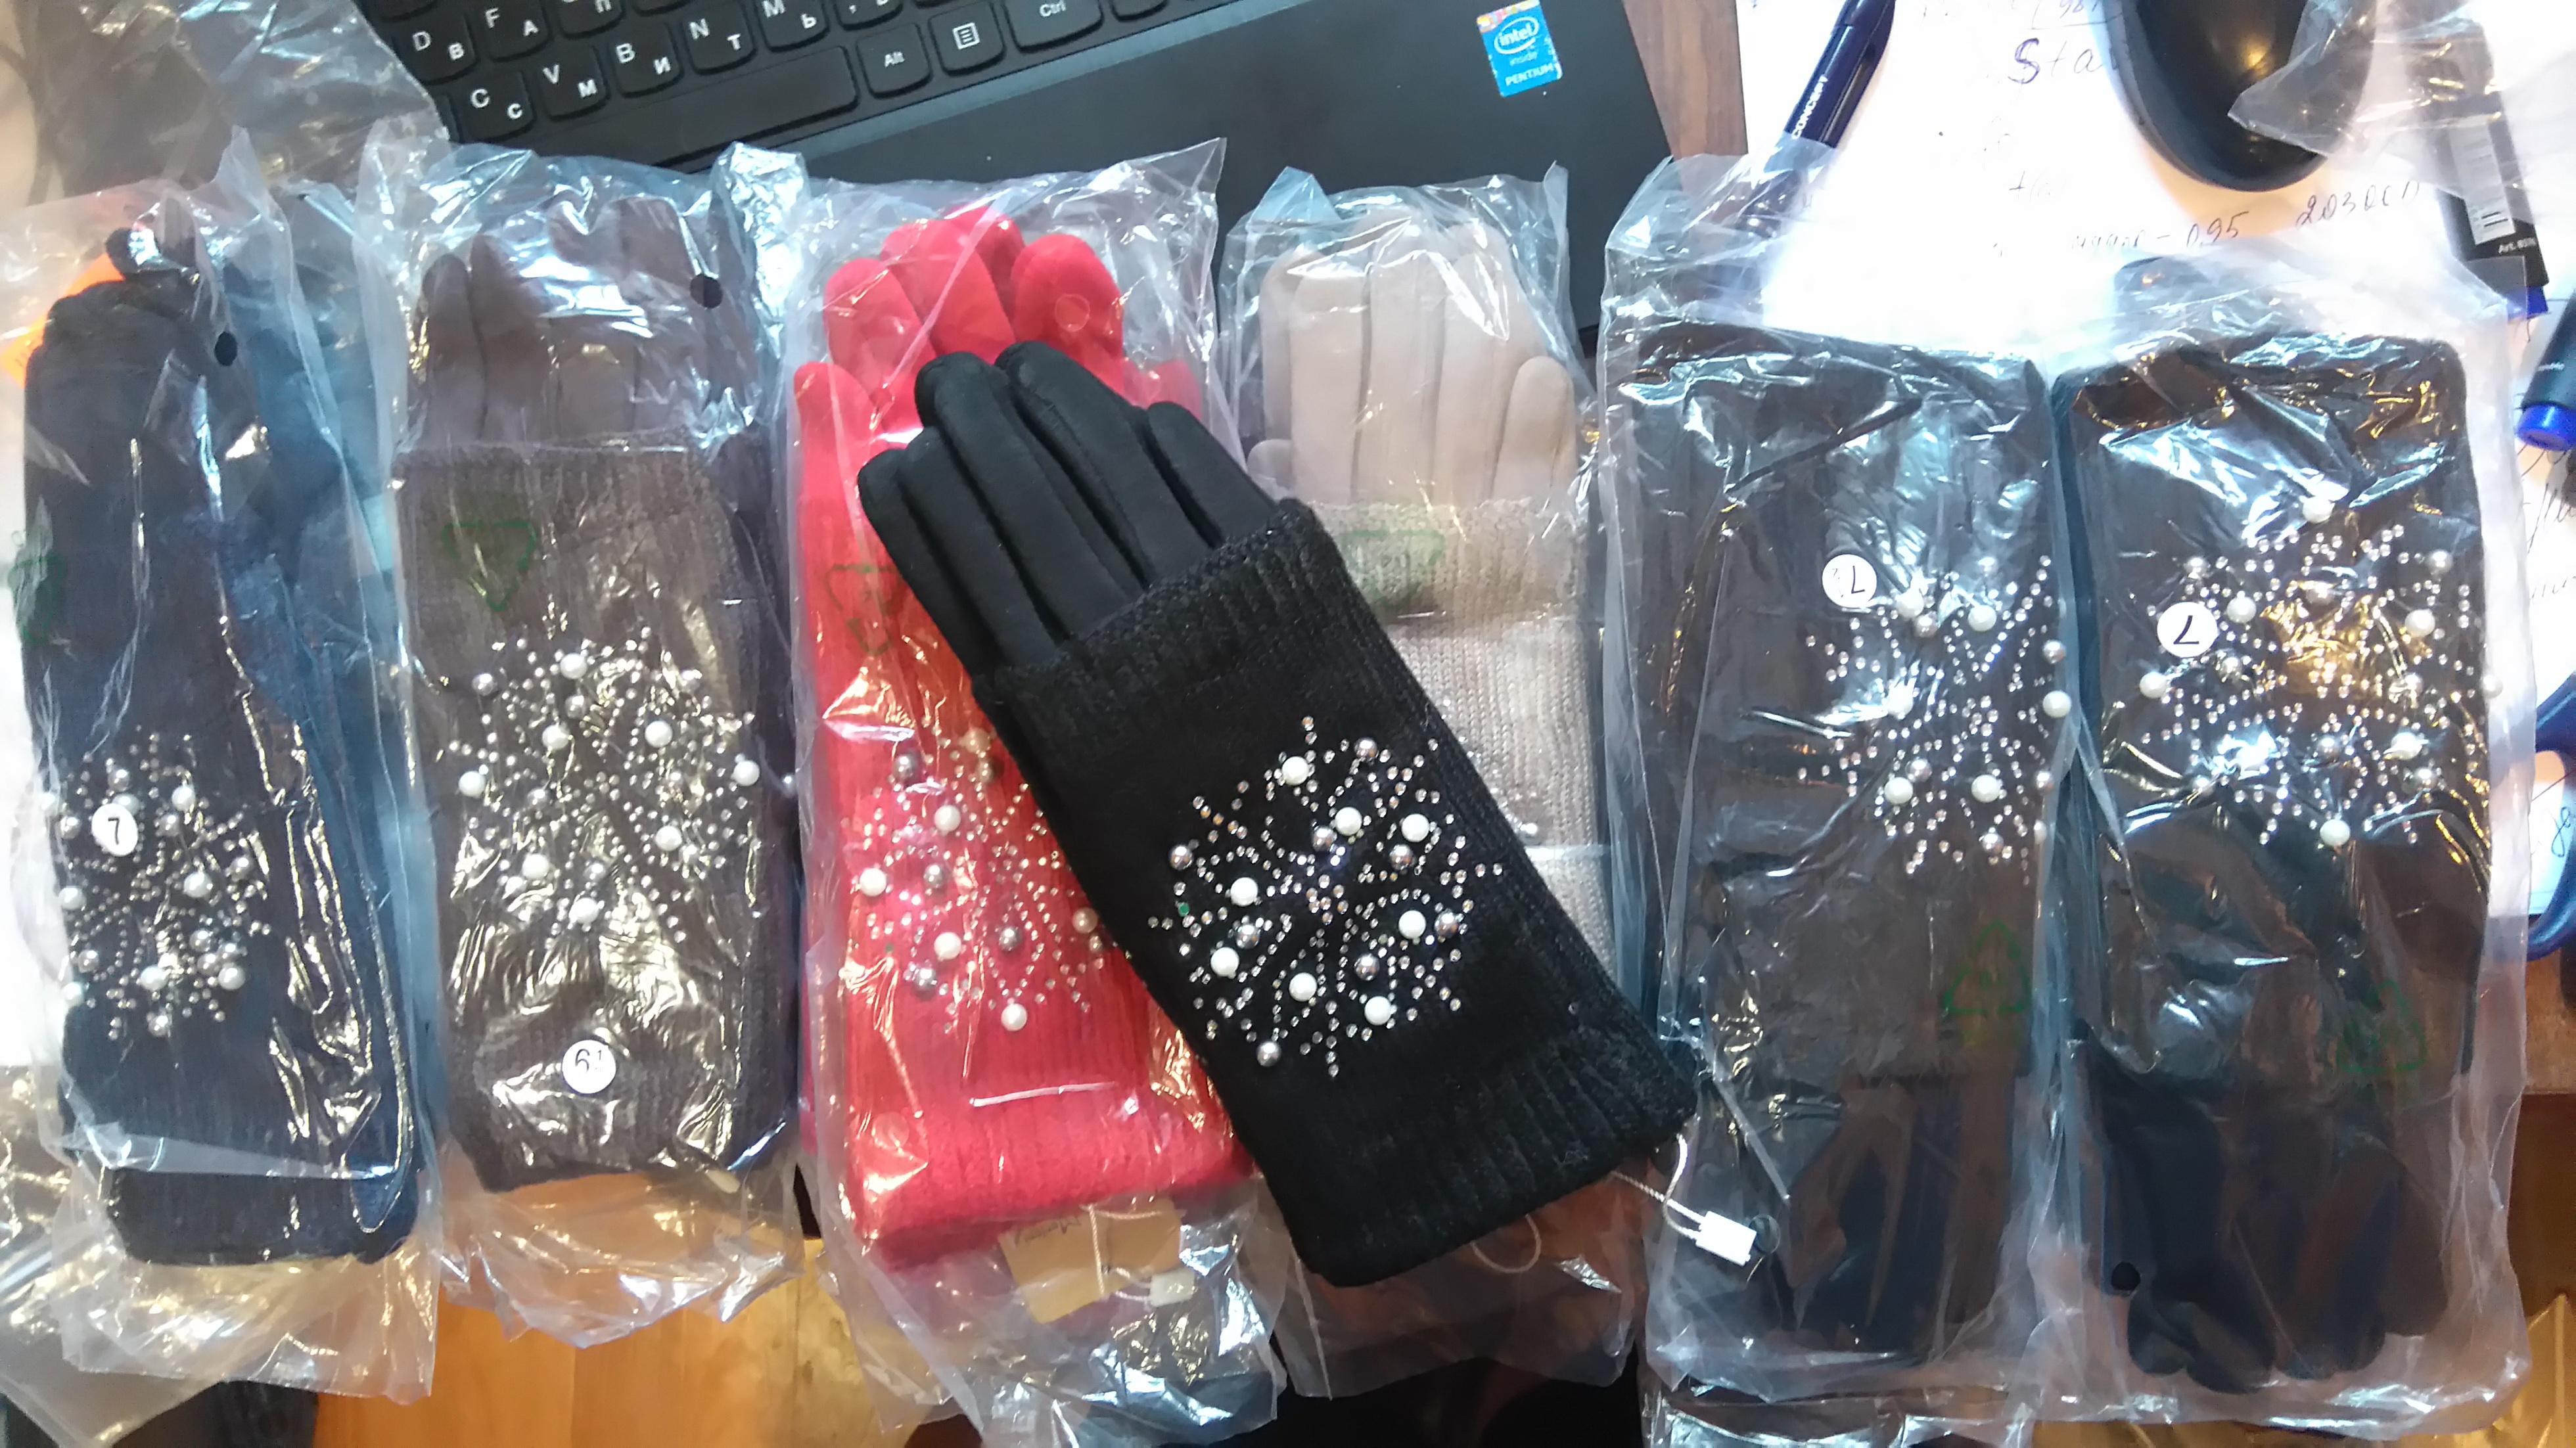 Сбор заказов. Все в наличии! Перчатки здесь! Женские и мужские! Трикотаж и прессованная кожа! Все размеры! От 140 рублей!